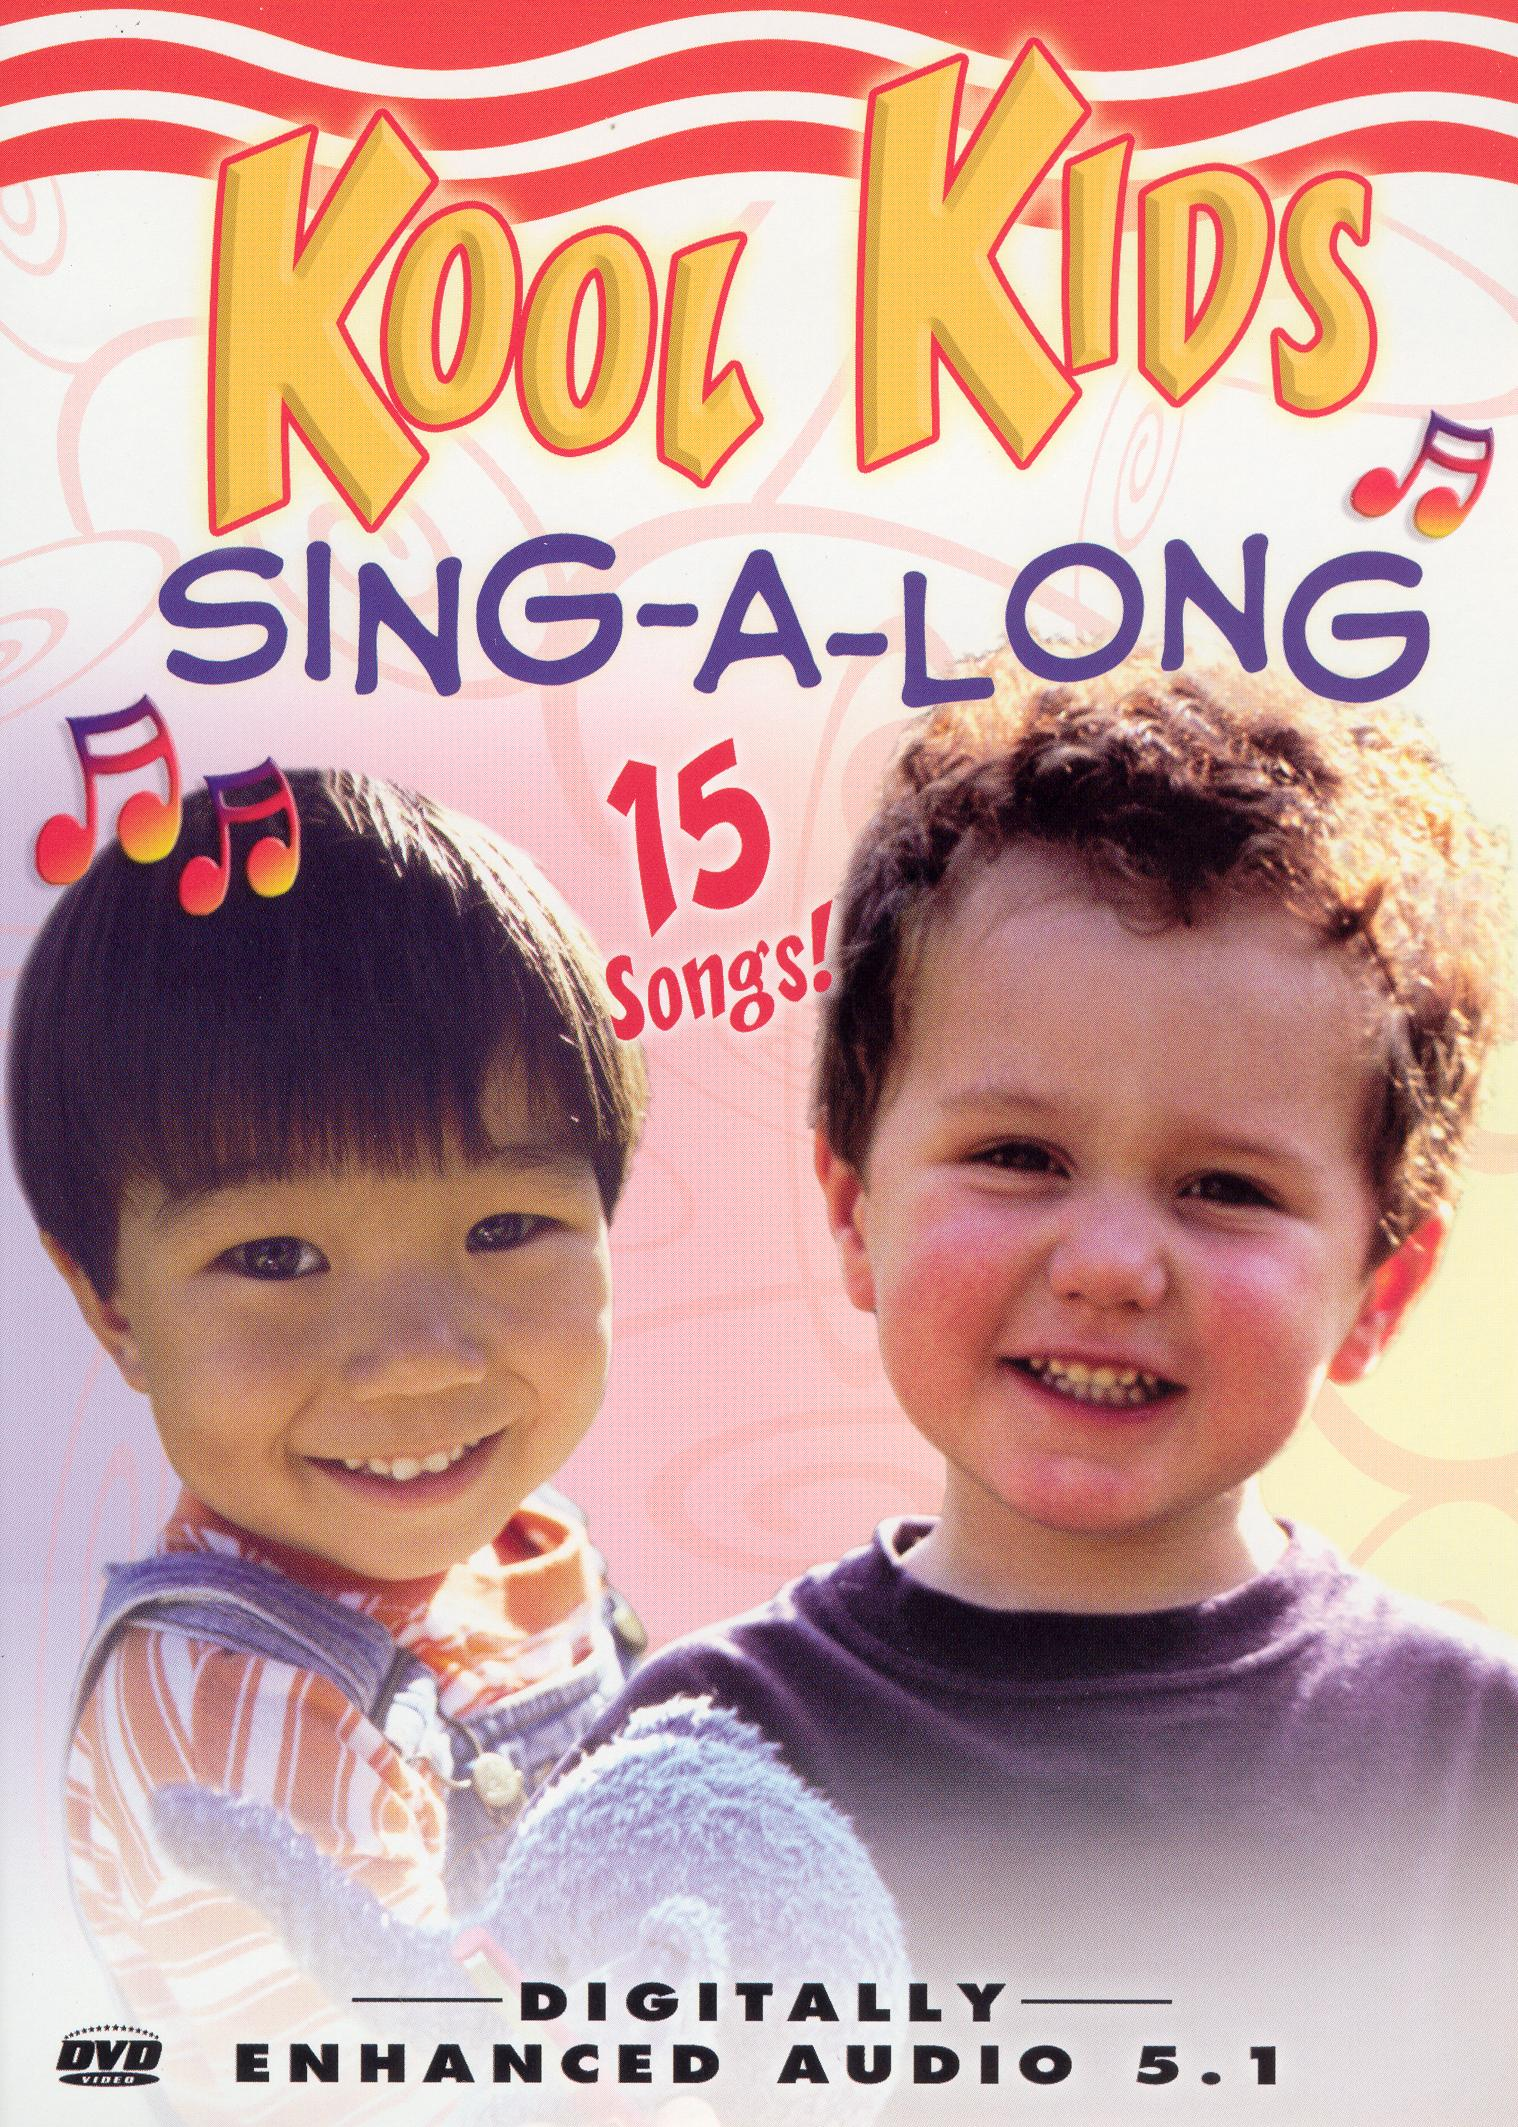 Kool Kids Sing-a-Long